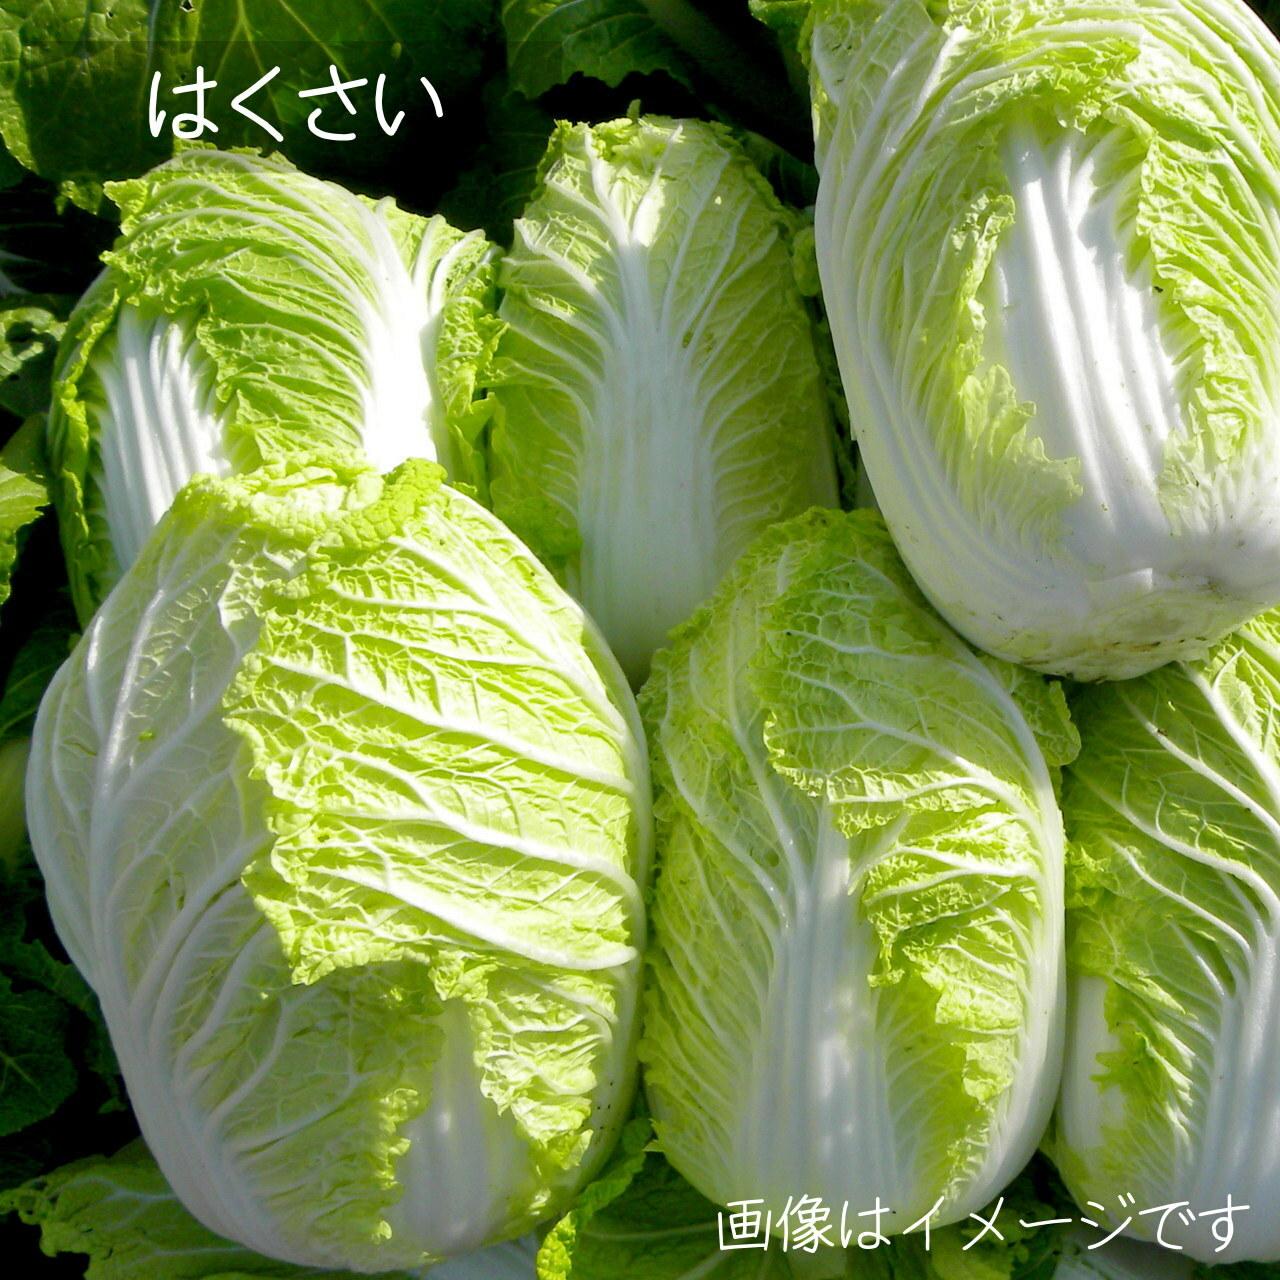 白菜 1玉 新潟の野菜 朝採り直売野菜 1月の新鮮な冬野菜  1月18日発送予定